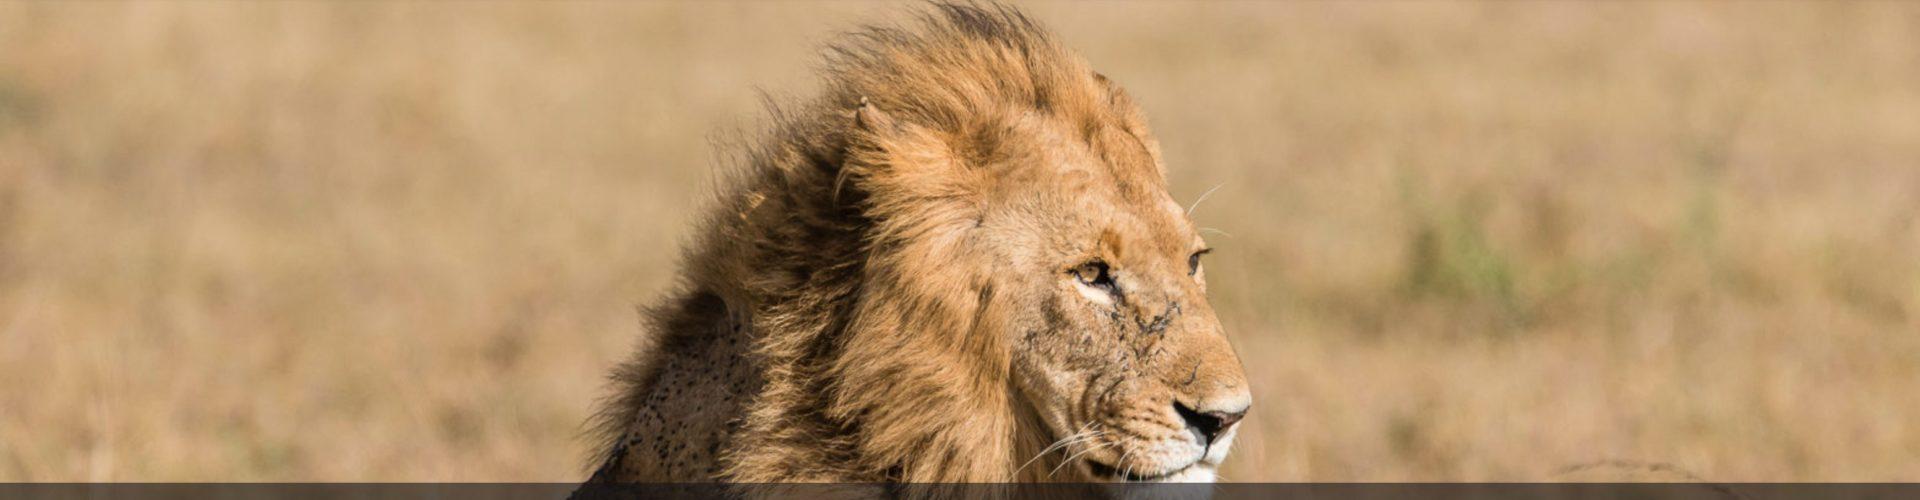 La galerie Lion